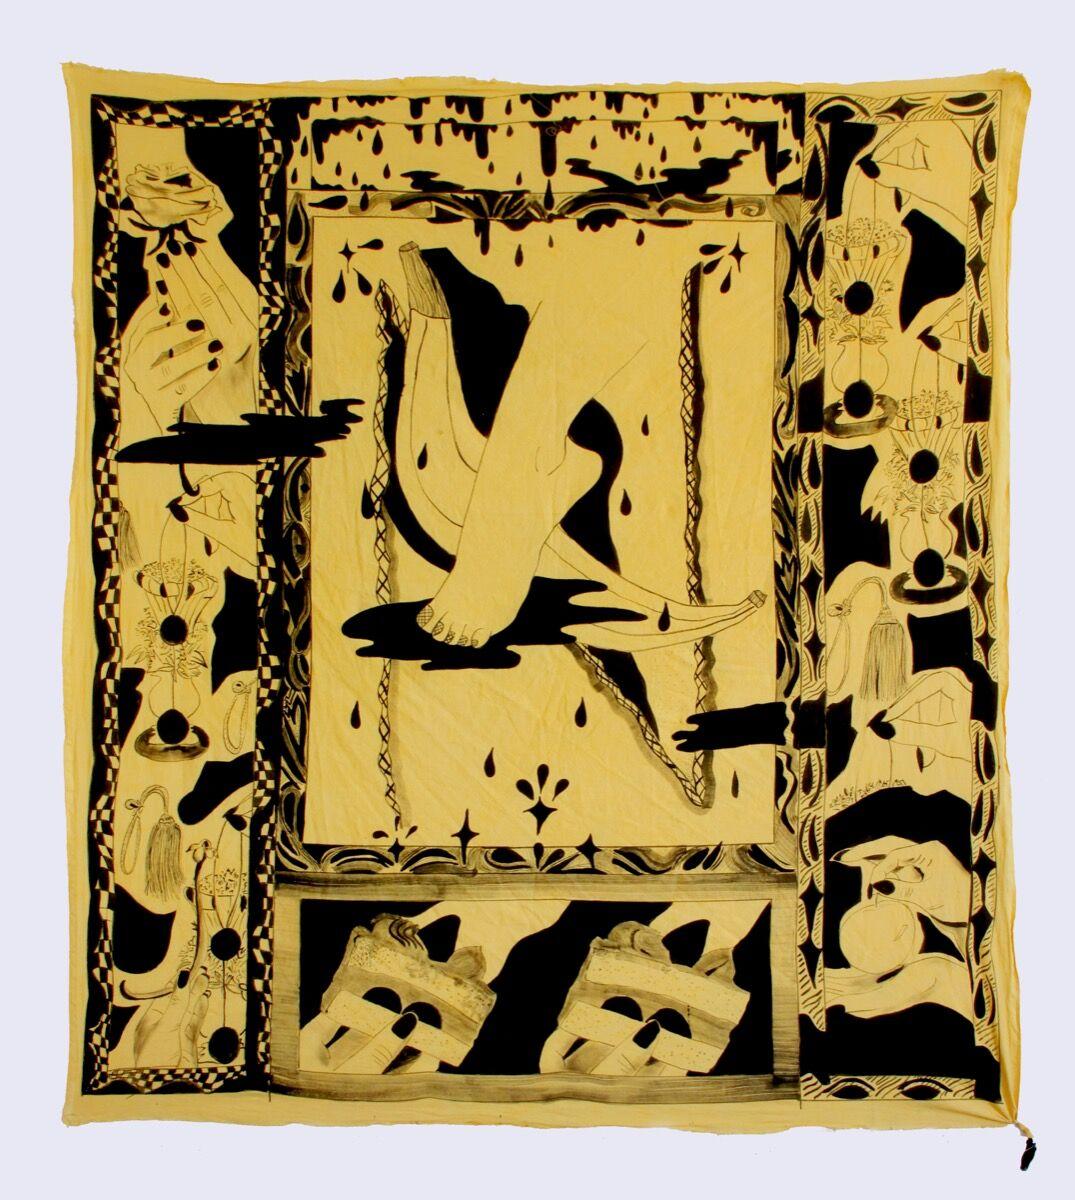 """Jamie Felton, Blanket 3 """"Foot, Puddle, Banana, and Cake"""", 2017. Courtesy of Horton Gallery."""